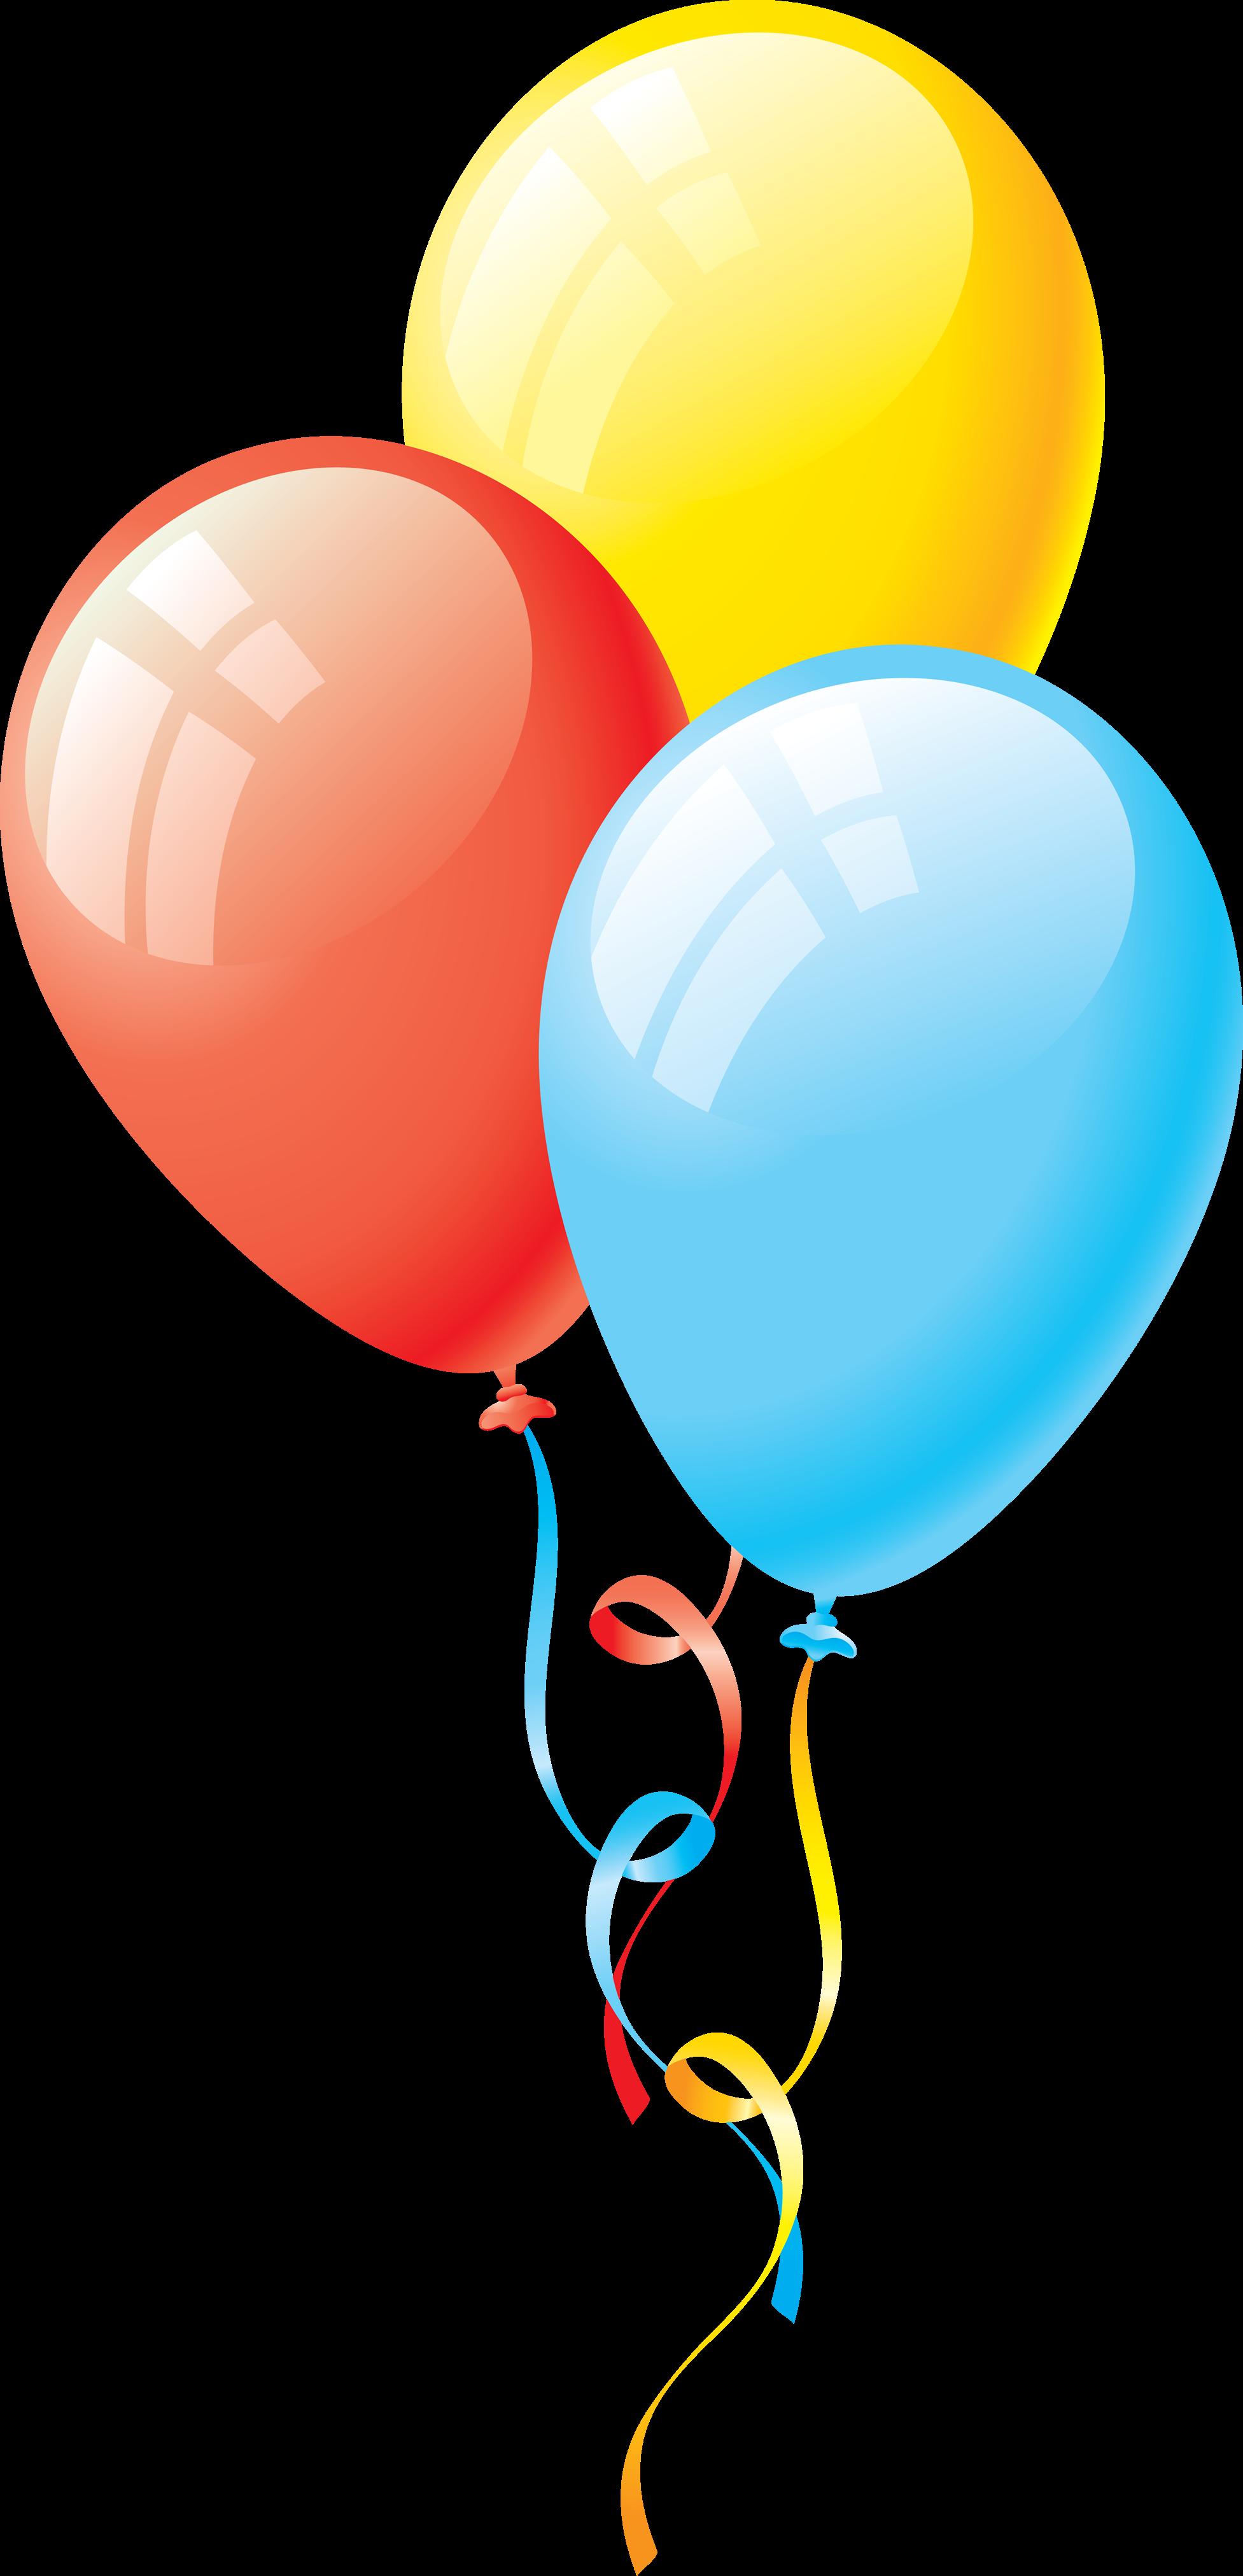 Balloons png group romolagarai. Balloon clipart party balloon